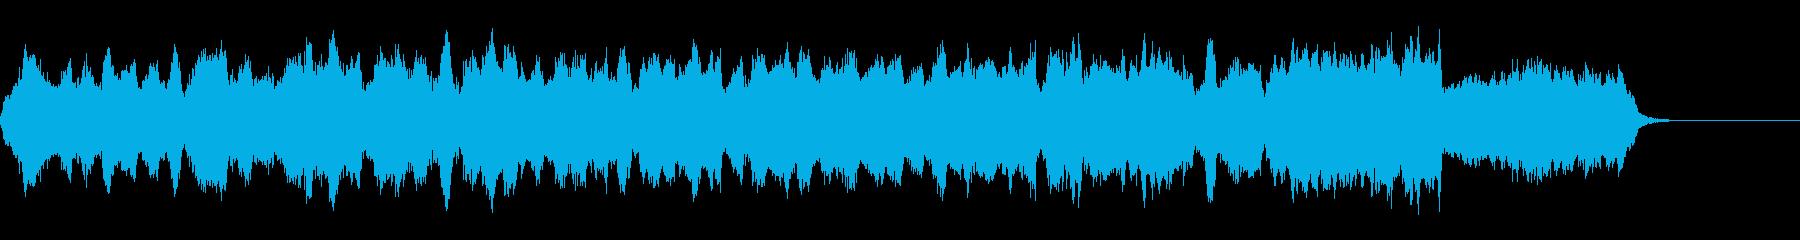 クラシック調の美しいジングルの再生済みの波形